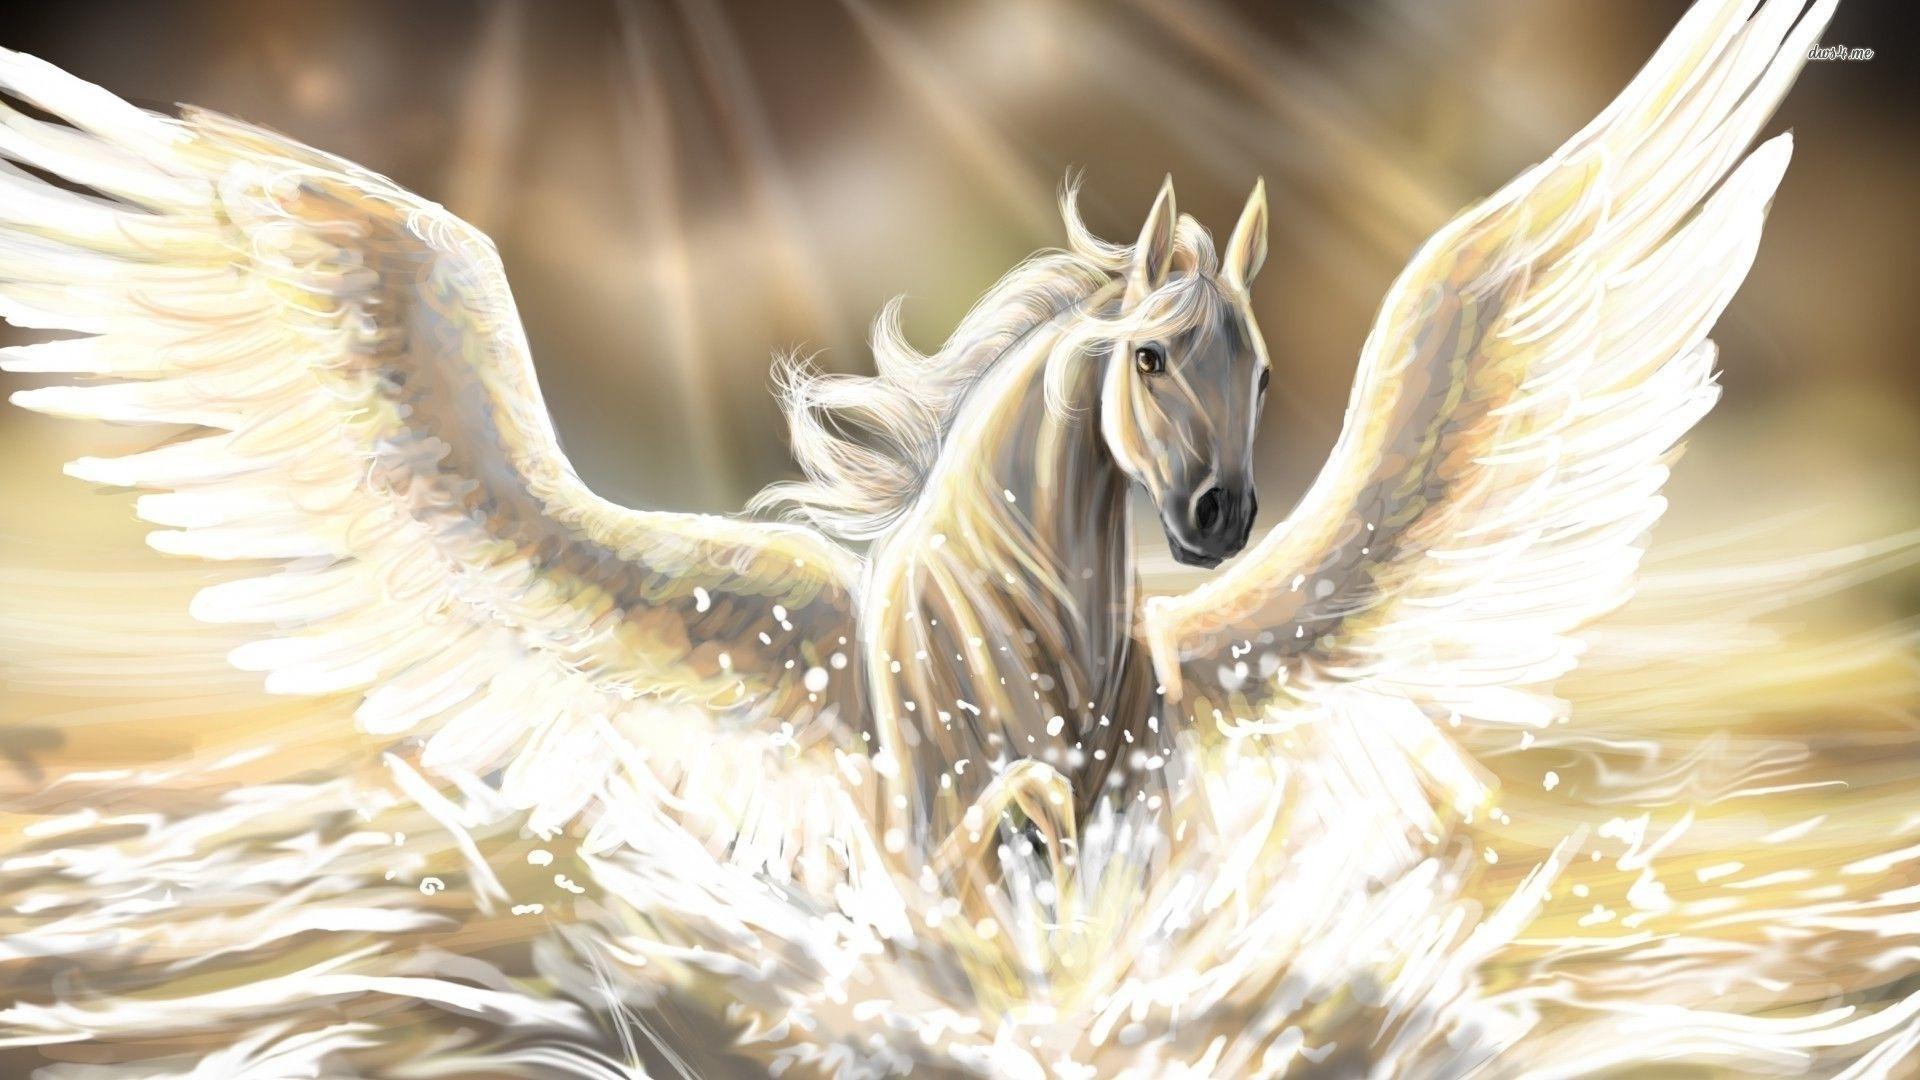 Pegasus Art Image